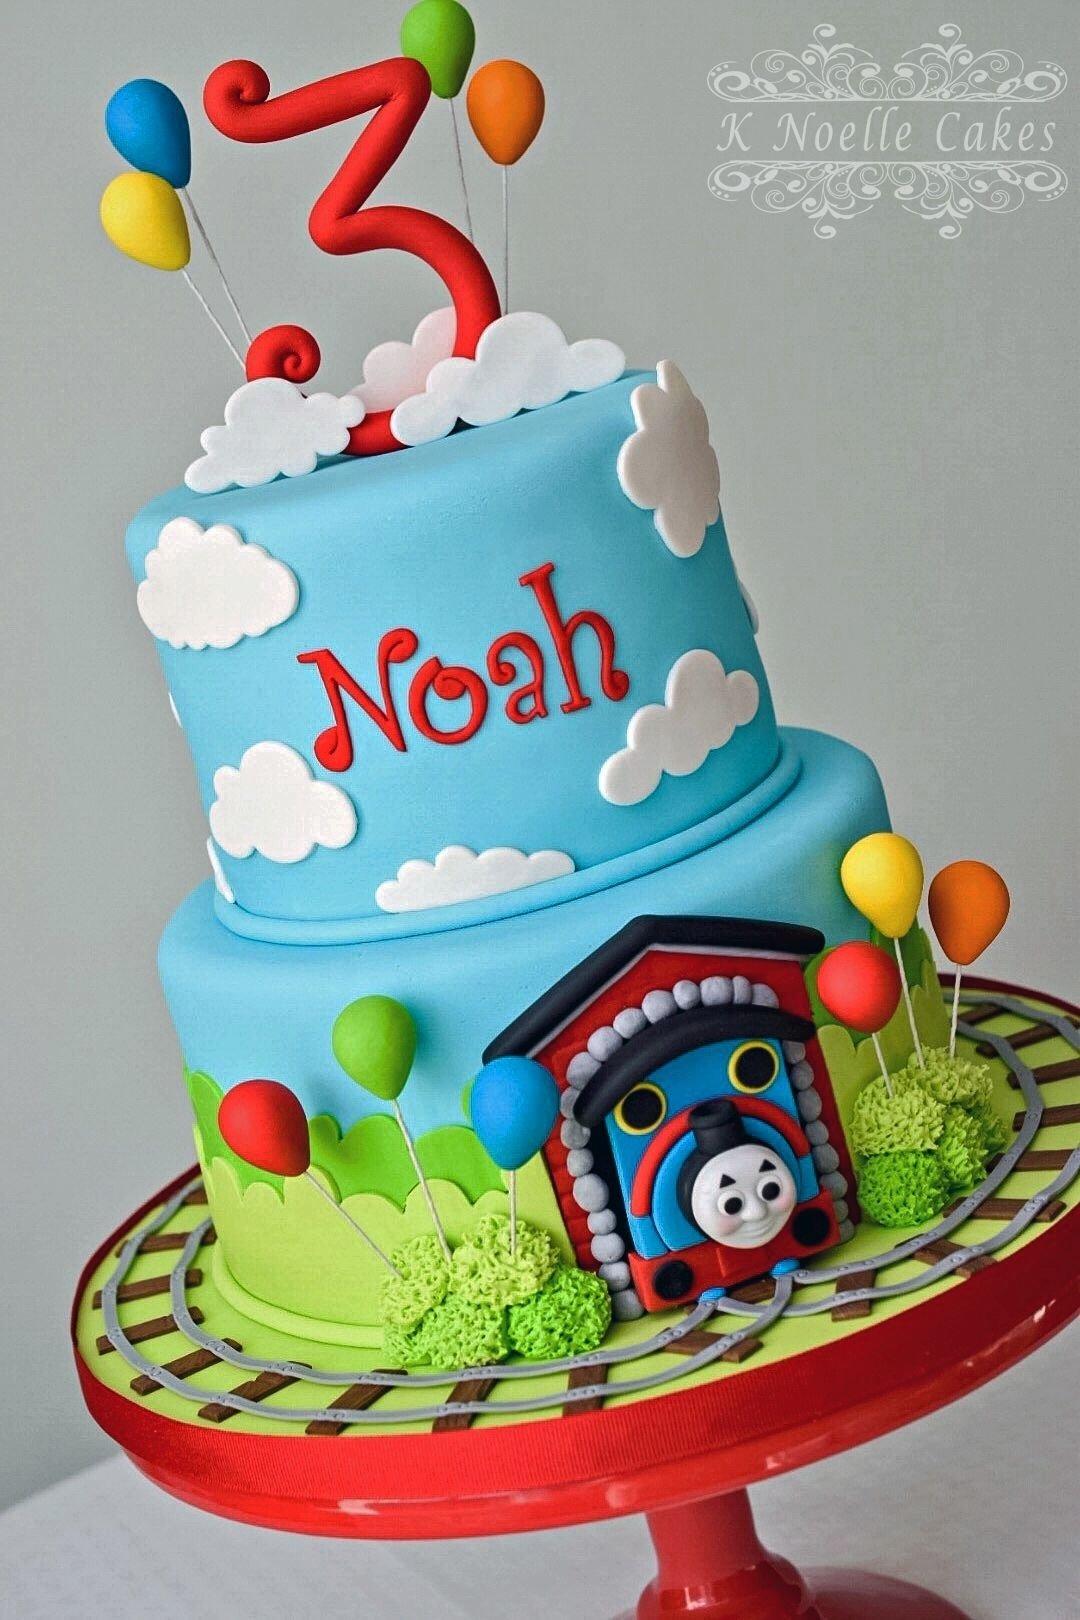 10 Nice Thomas And Friends Cake Ideas thomas the train cakek noelle cakes cakes by k noelle cakes 1 2020